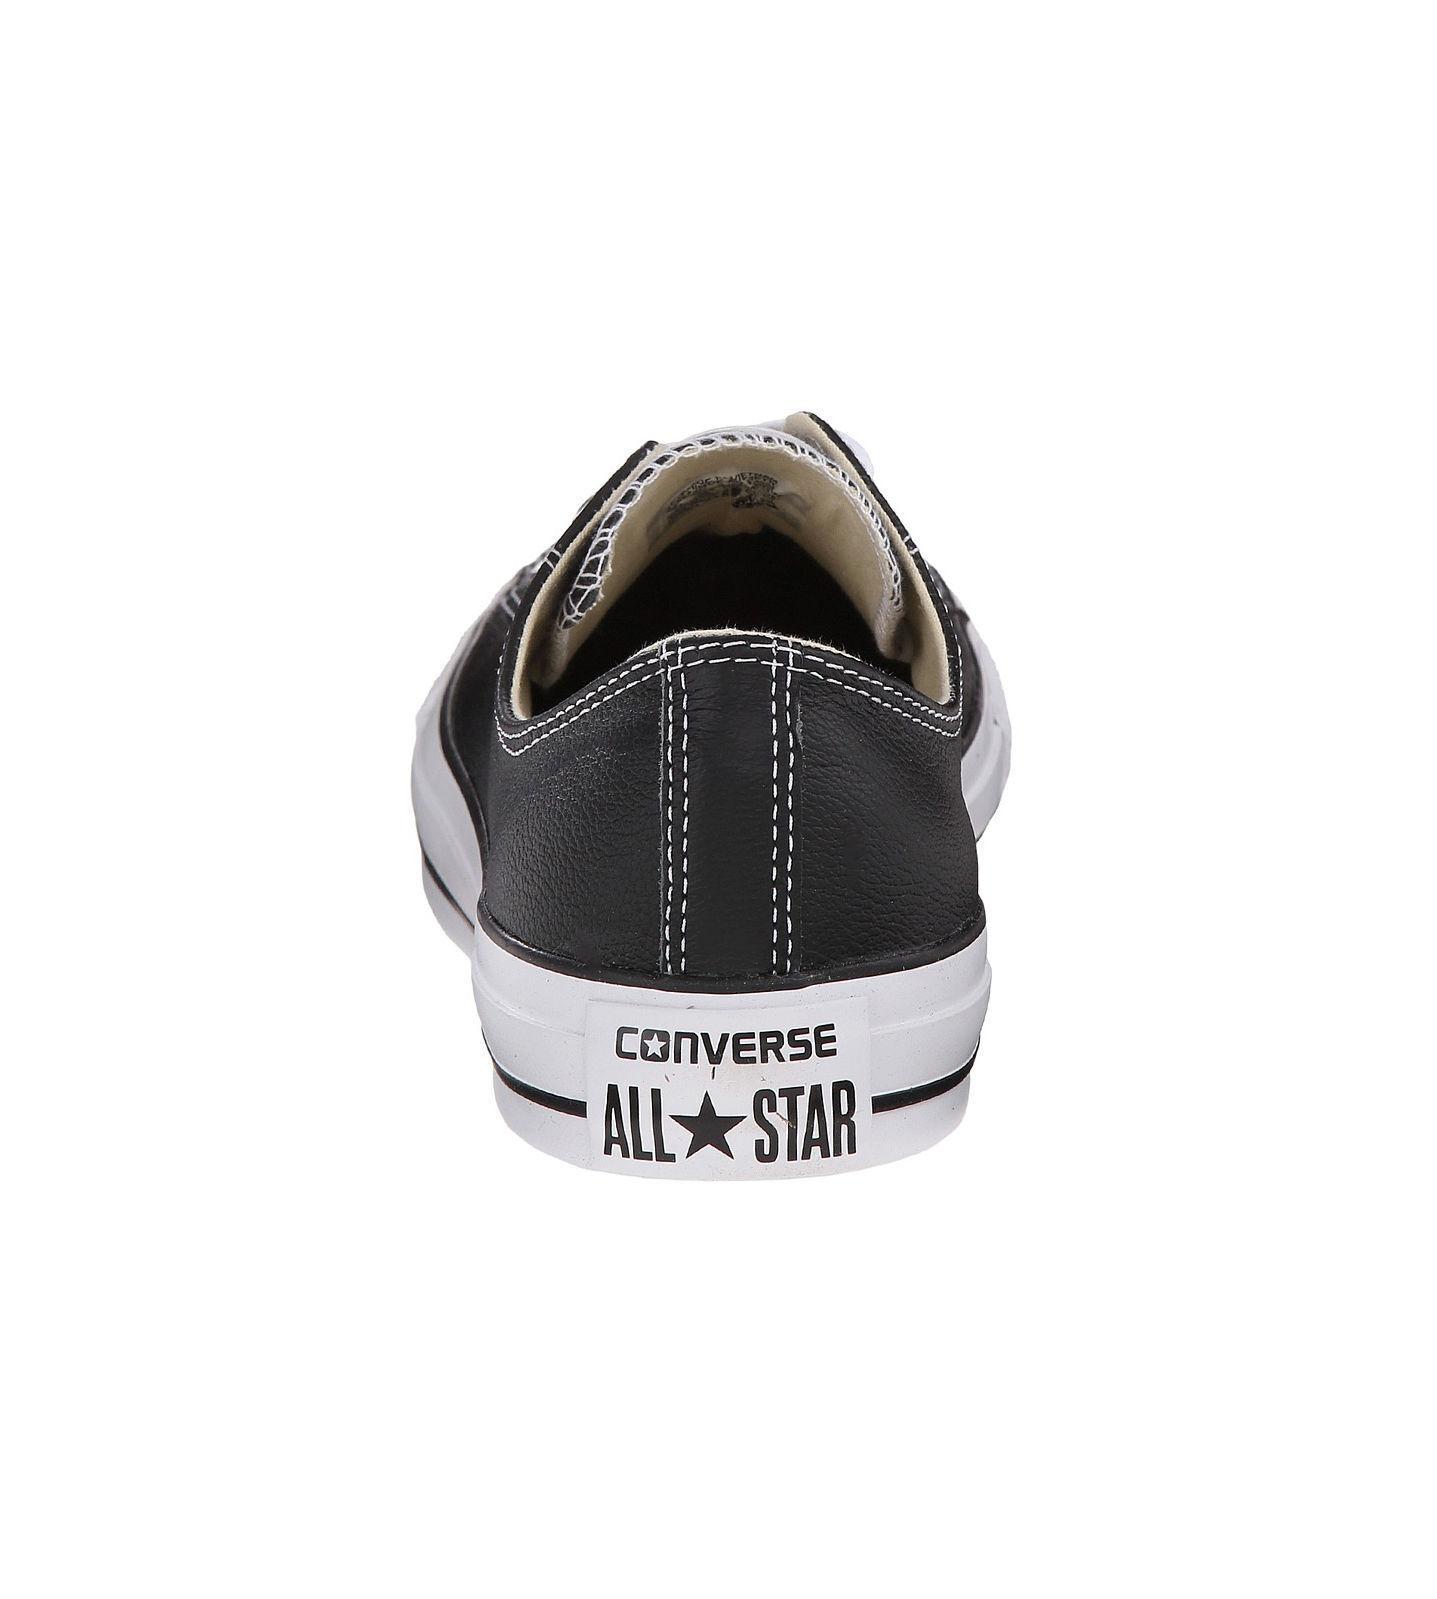 Converse star frauen männer unisex - all - star Converse - lo spitze lederschuhe schwarz - weiß - niedrige wirft d8a3d6